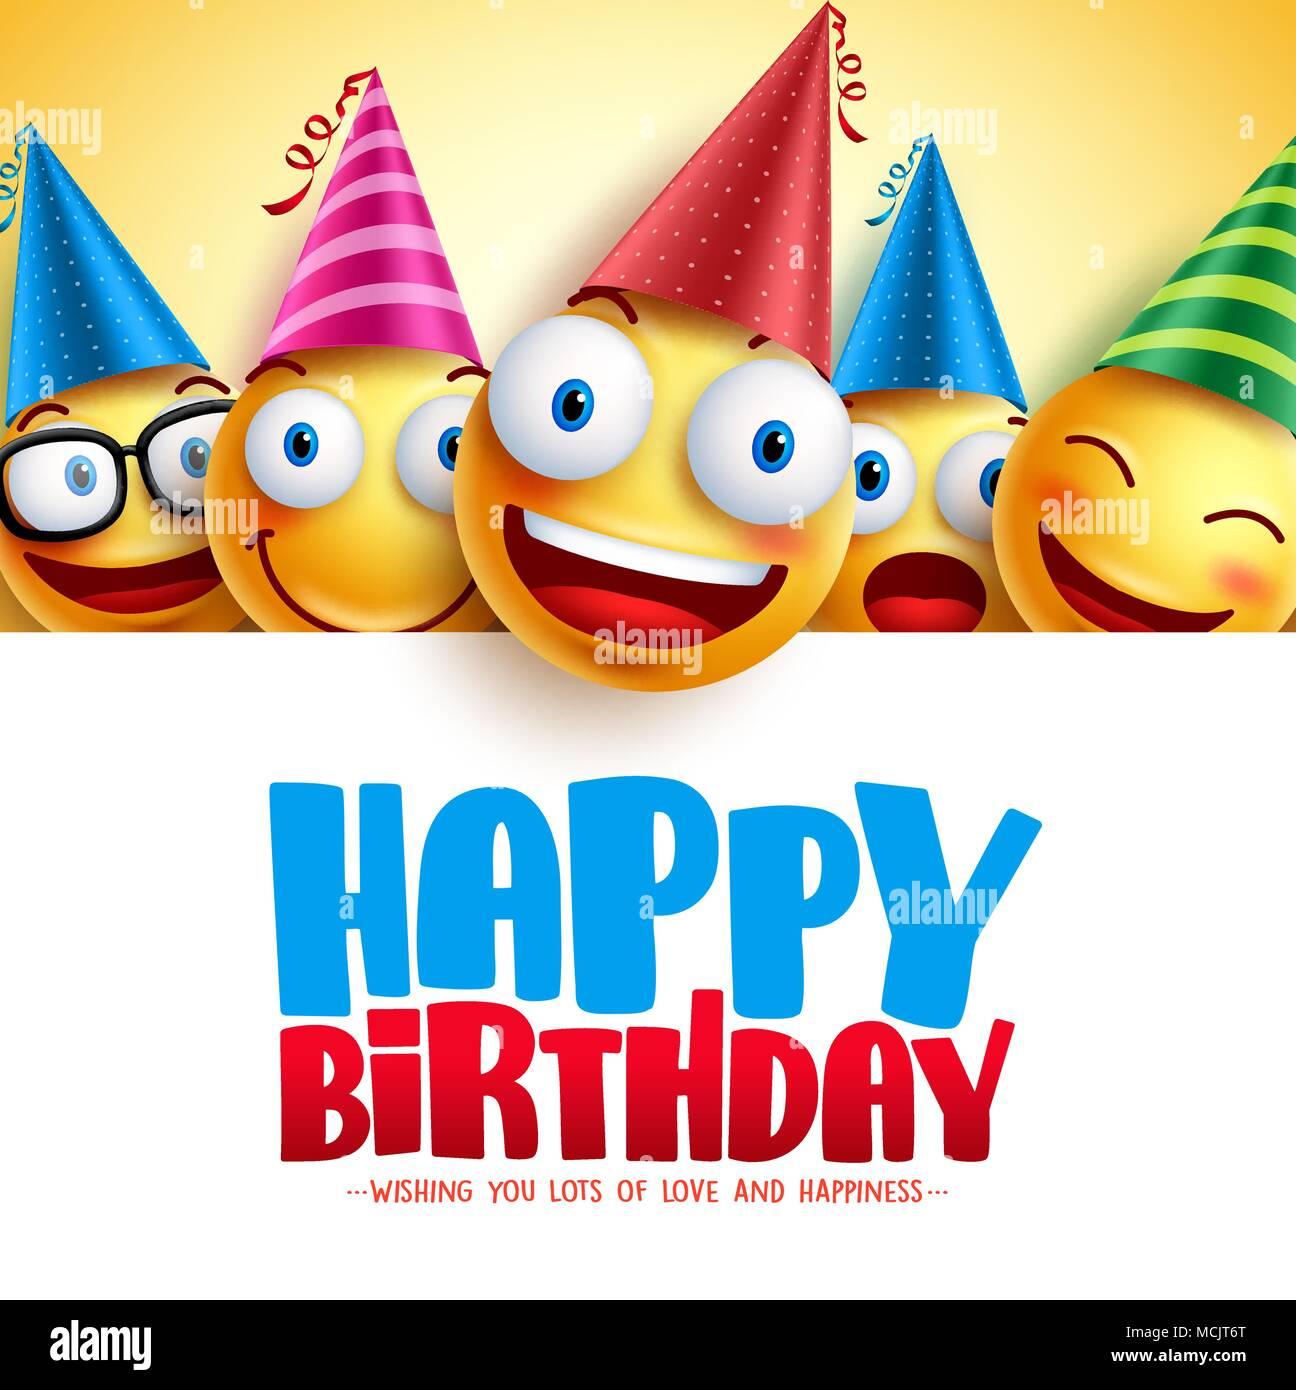 Joyeux anniversaire smileys vector design fond jaune avec des émoticônes et drôle et heureux ...